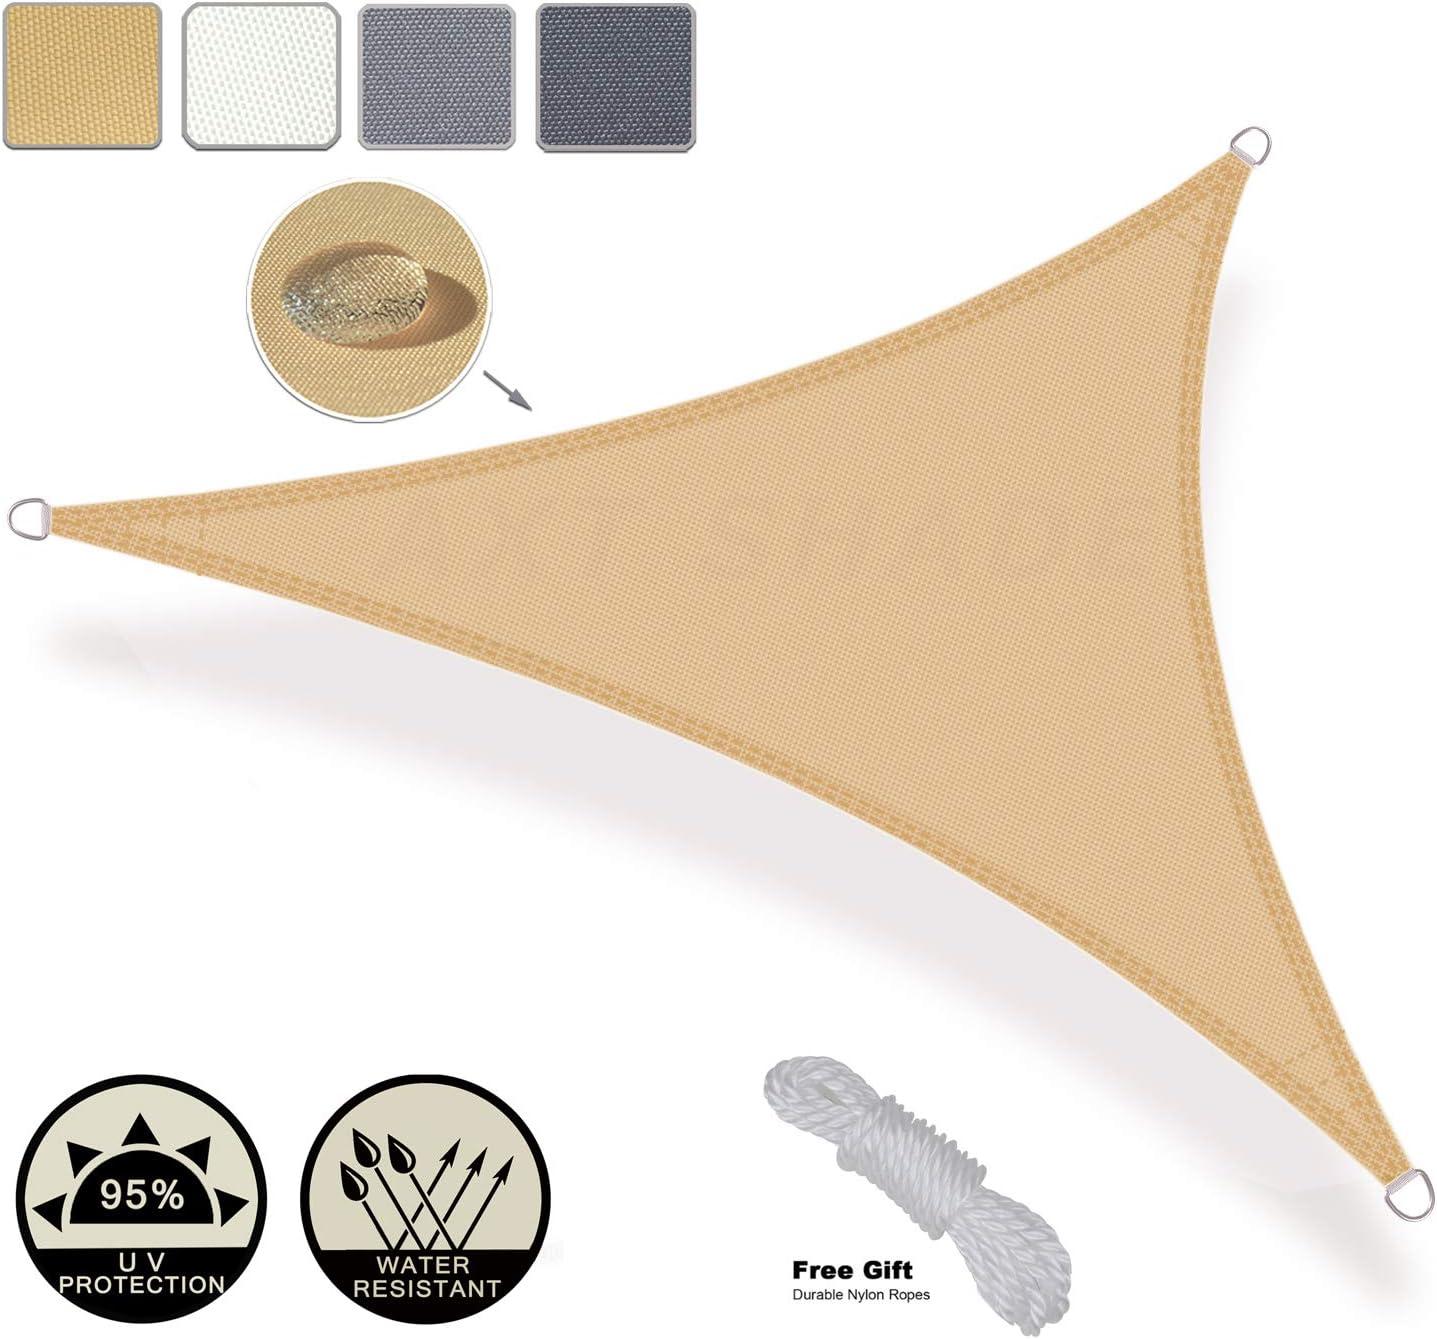 Colore Crema AXT SHADE Tenda a Vela Impermeabile Rettangolare 2 x 3m Cortile per Esterni Parasole e Protezione Raggi UV Giardino